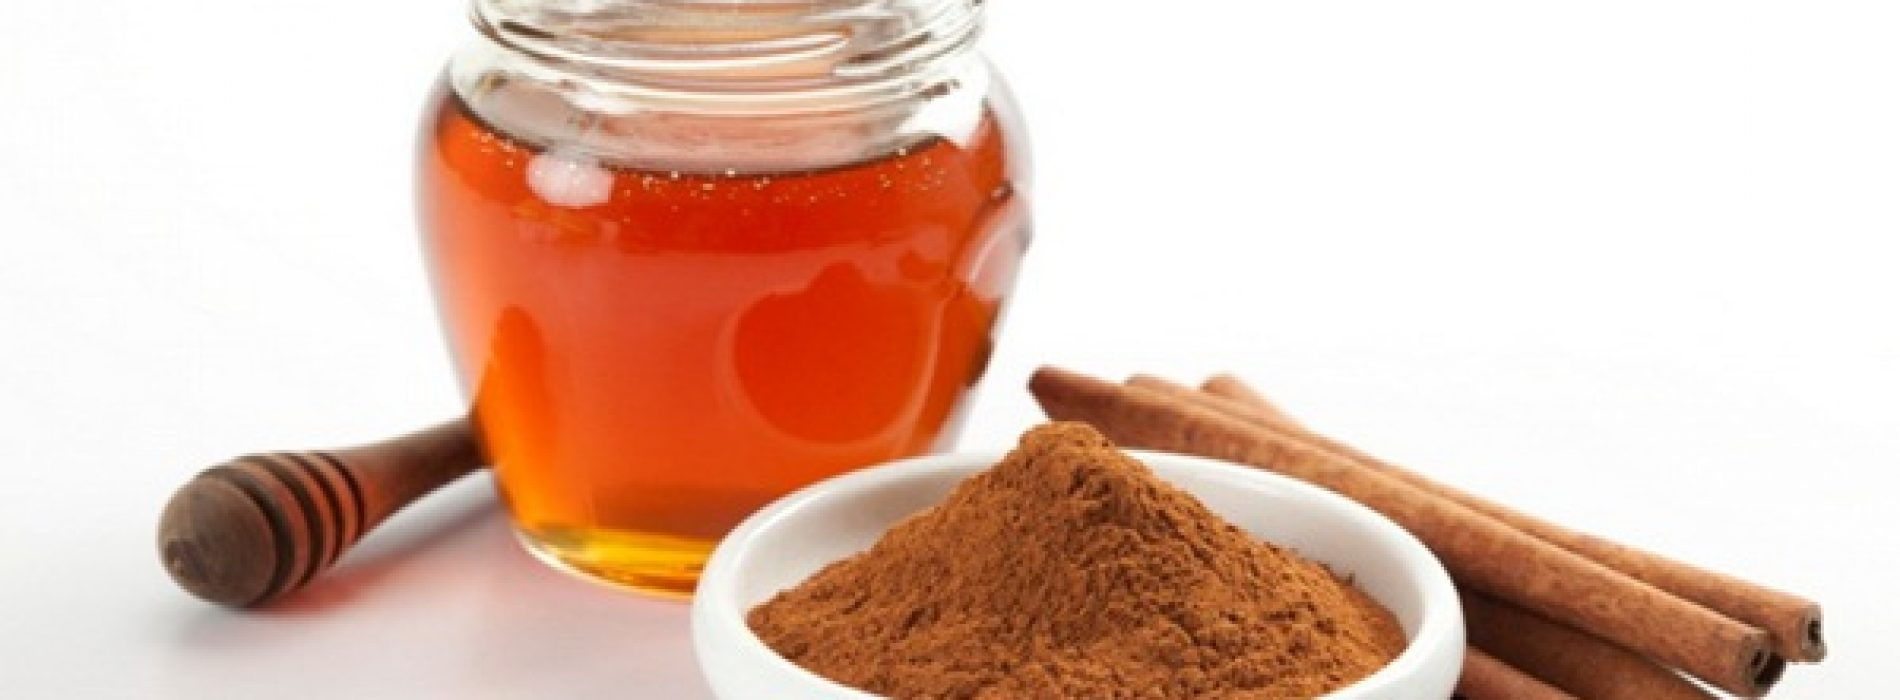 Deze drank doet letterlijk wonderen: Hier is wat er gebeurt als je Honing En Kaneel voor het slapen gaan drinkt!